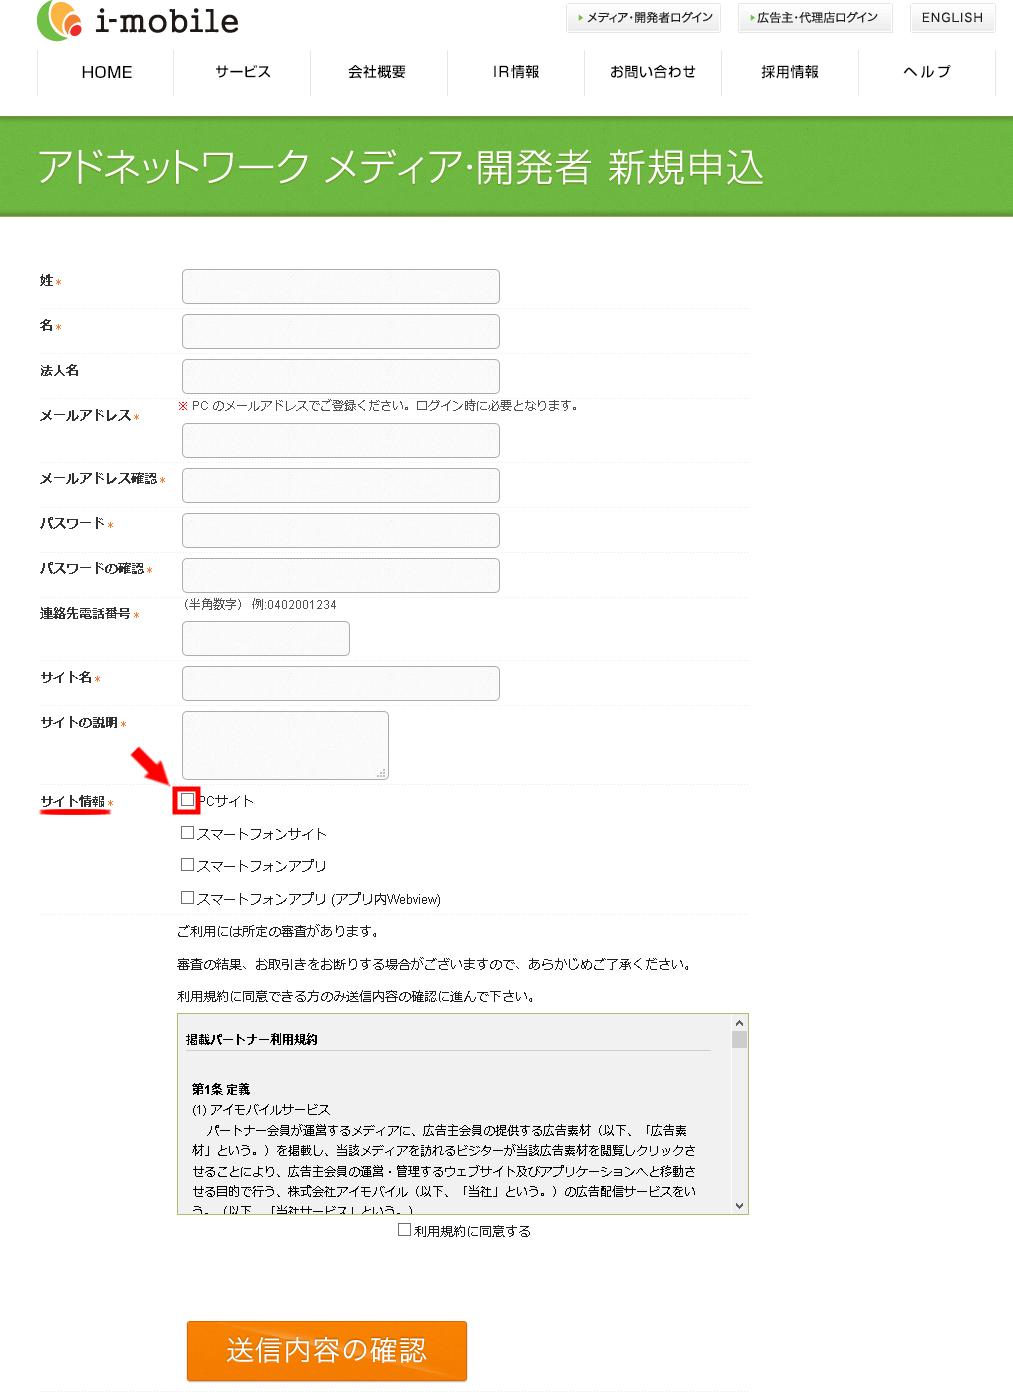 i-mobaile会員登録の仕方アドネットワーク3 (2)